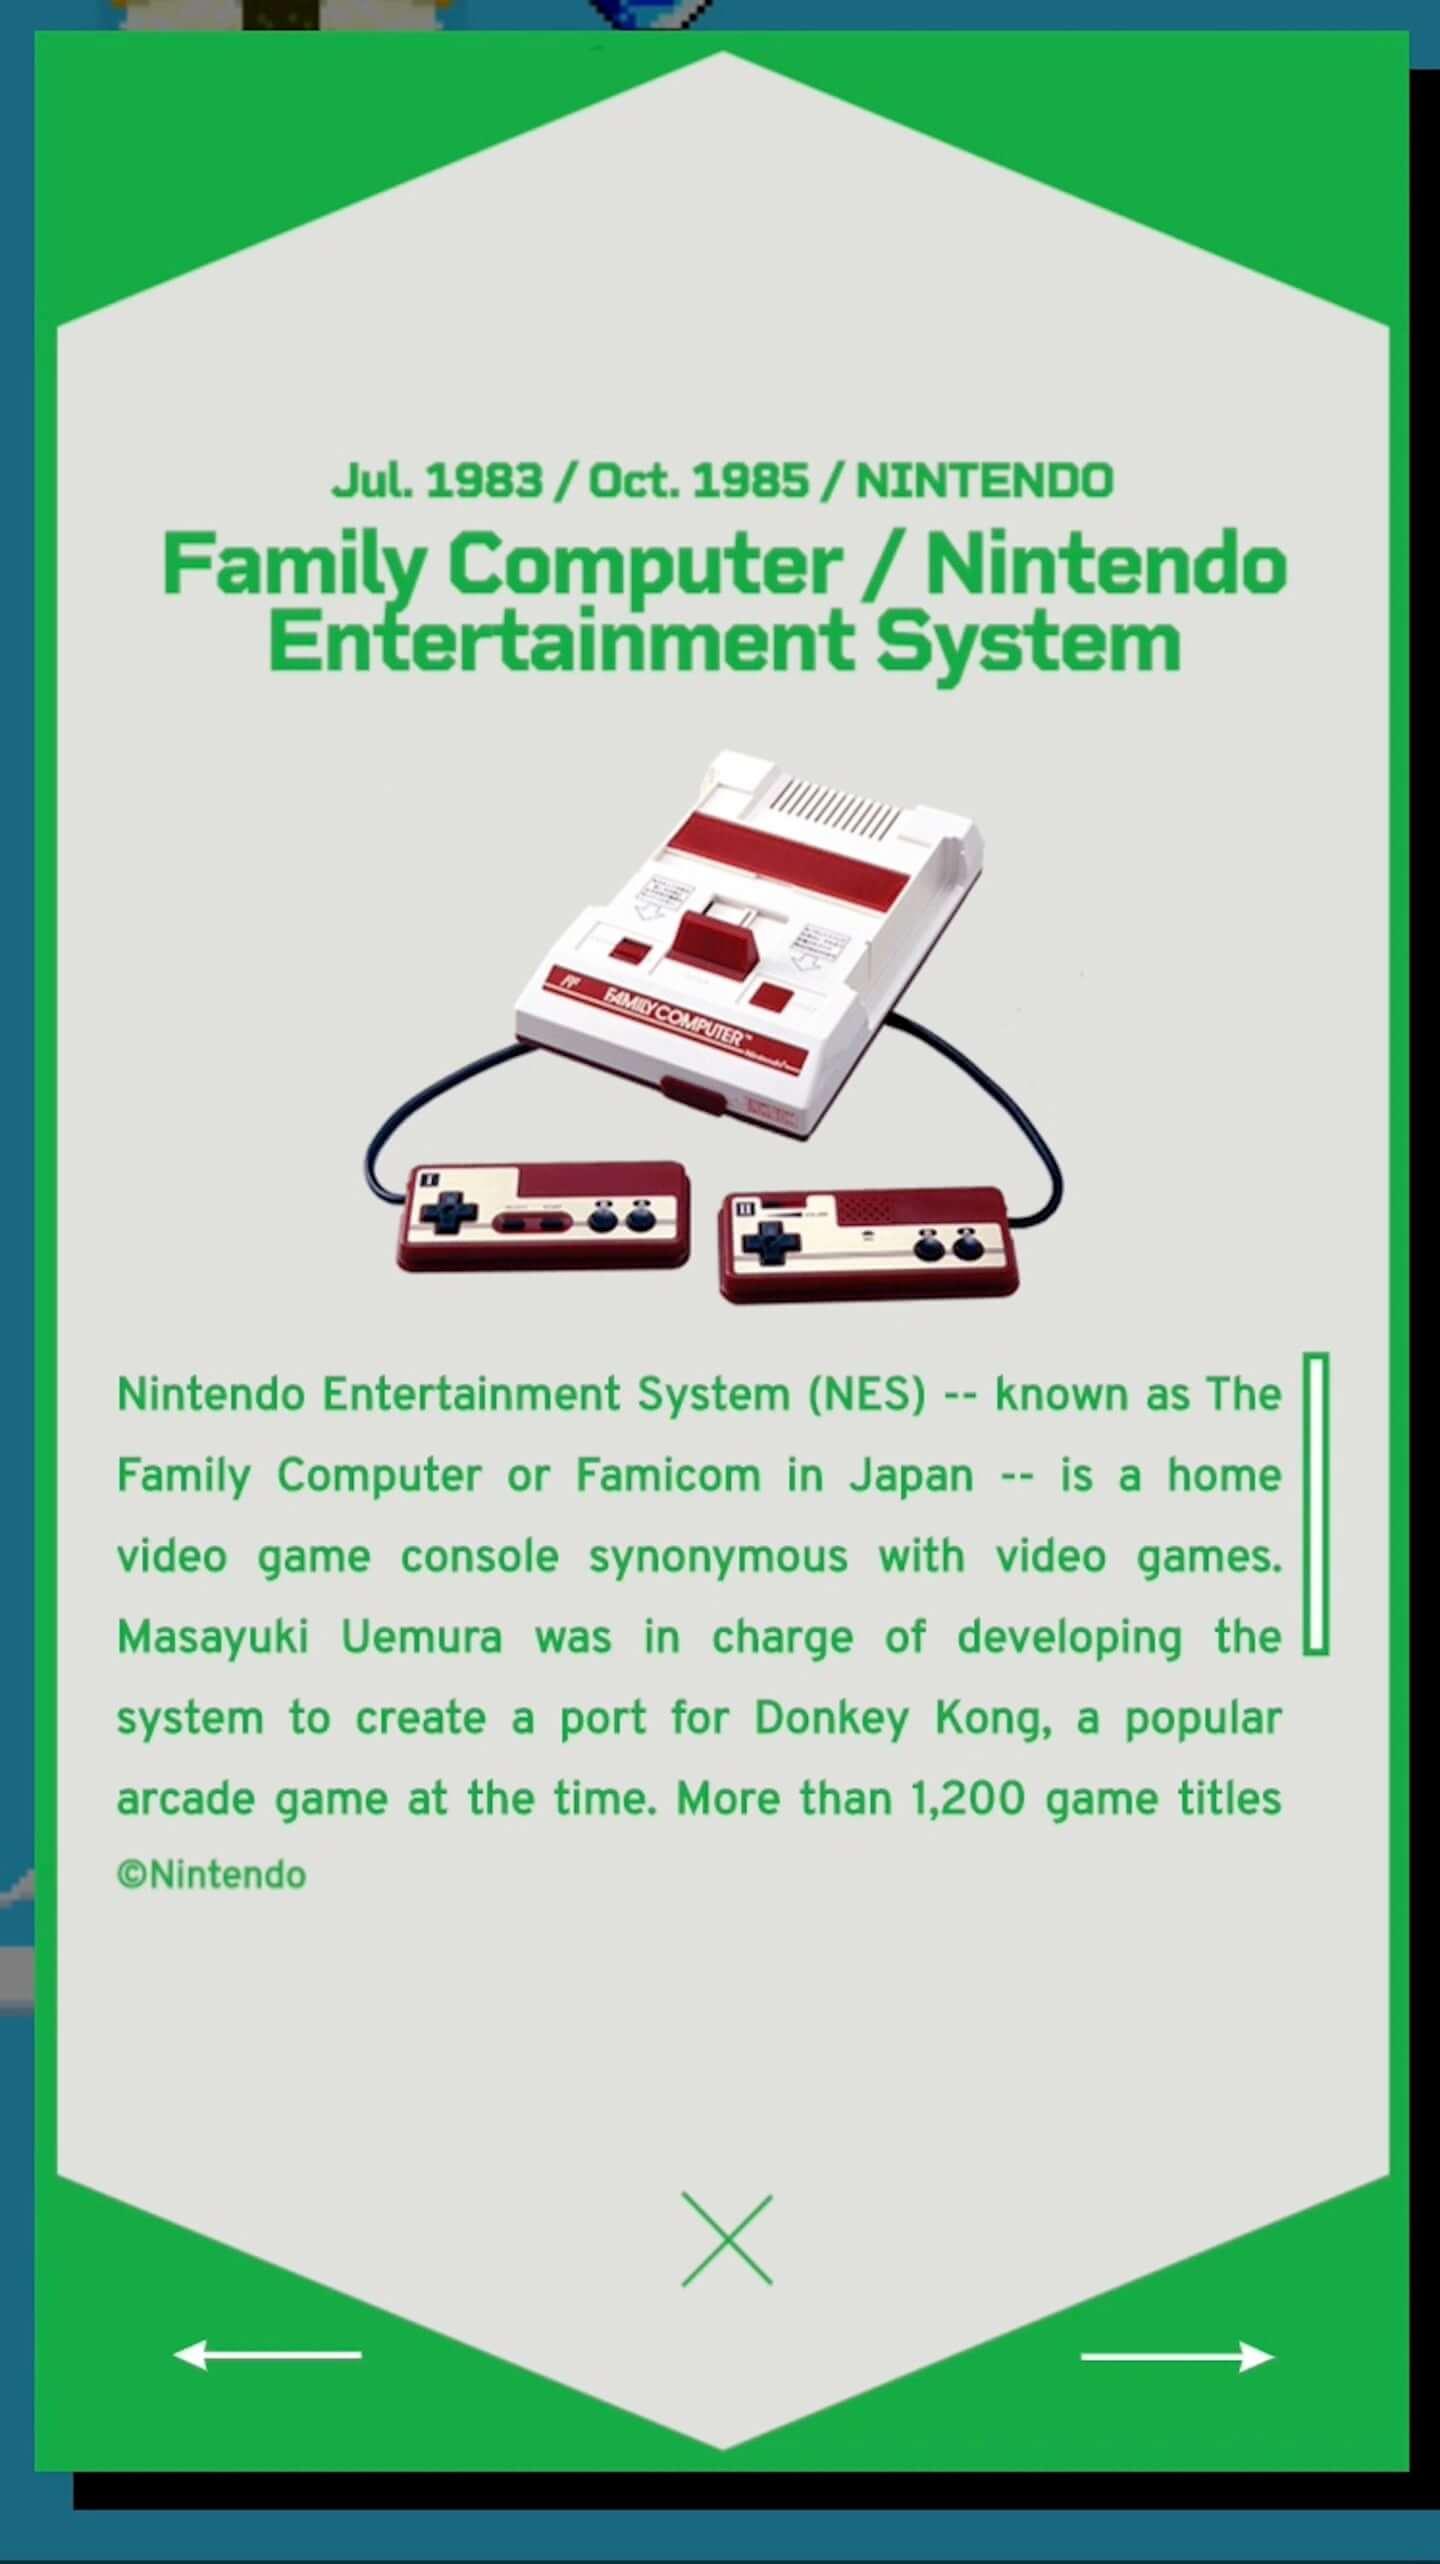 ゲームを世界に発信するWEBサイト『GAME CHRONICLE』が公開 ゲーム開発者へのスペシャルインタビューも artculture191105_gamechronicle_04-1440x2564